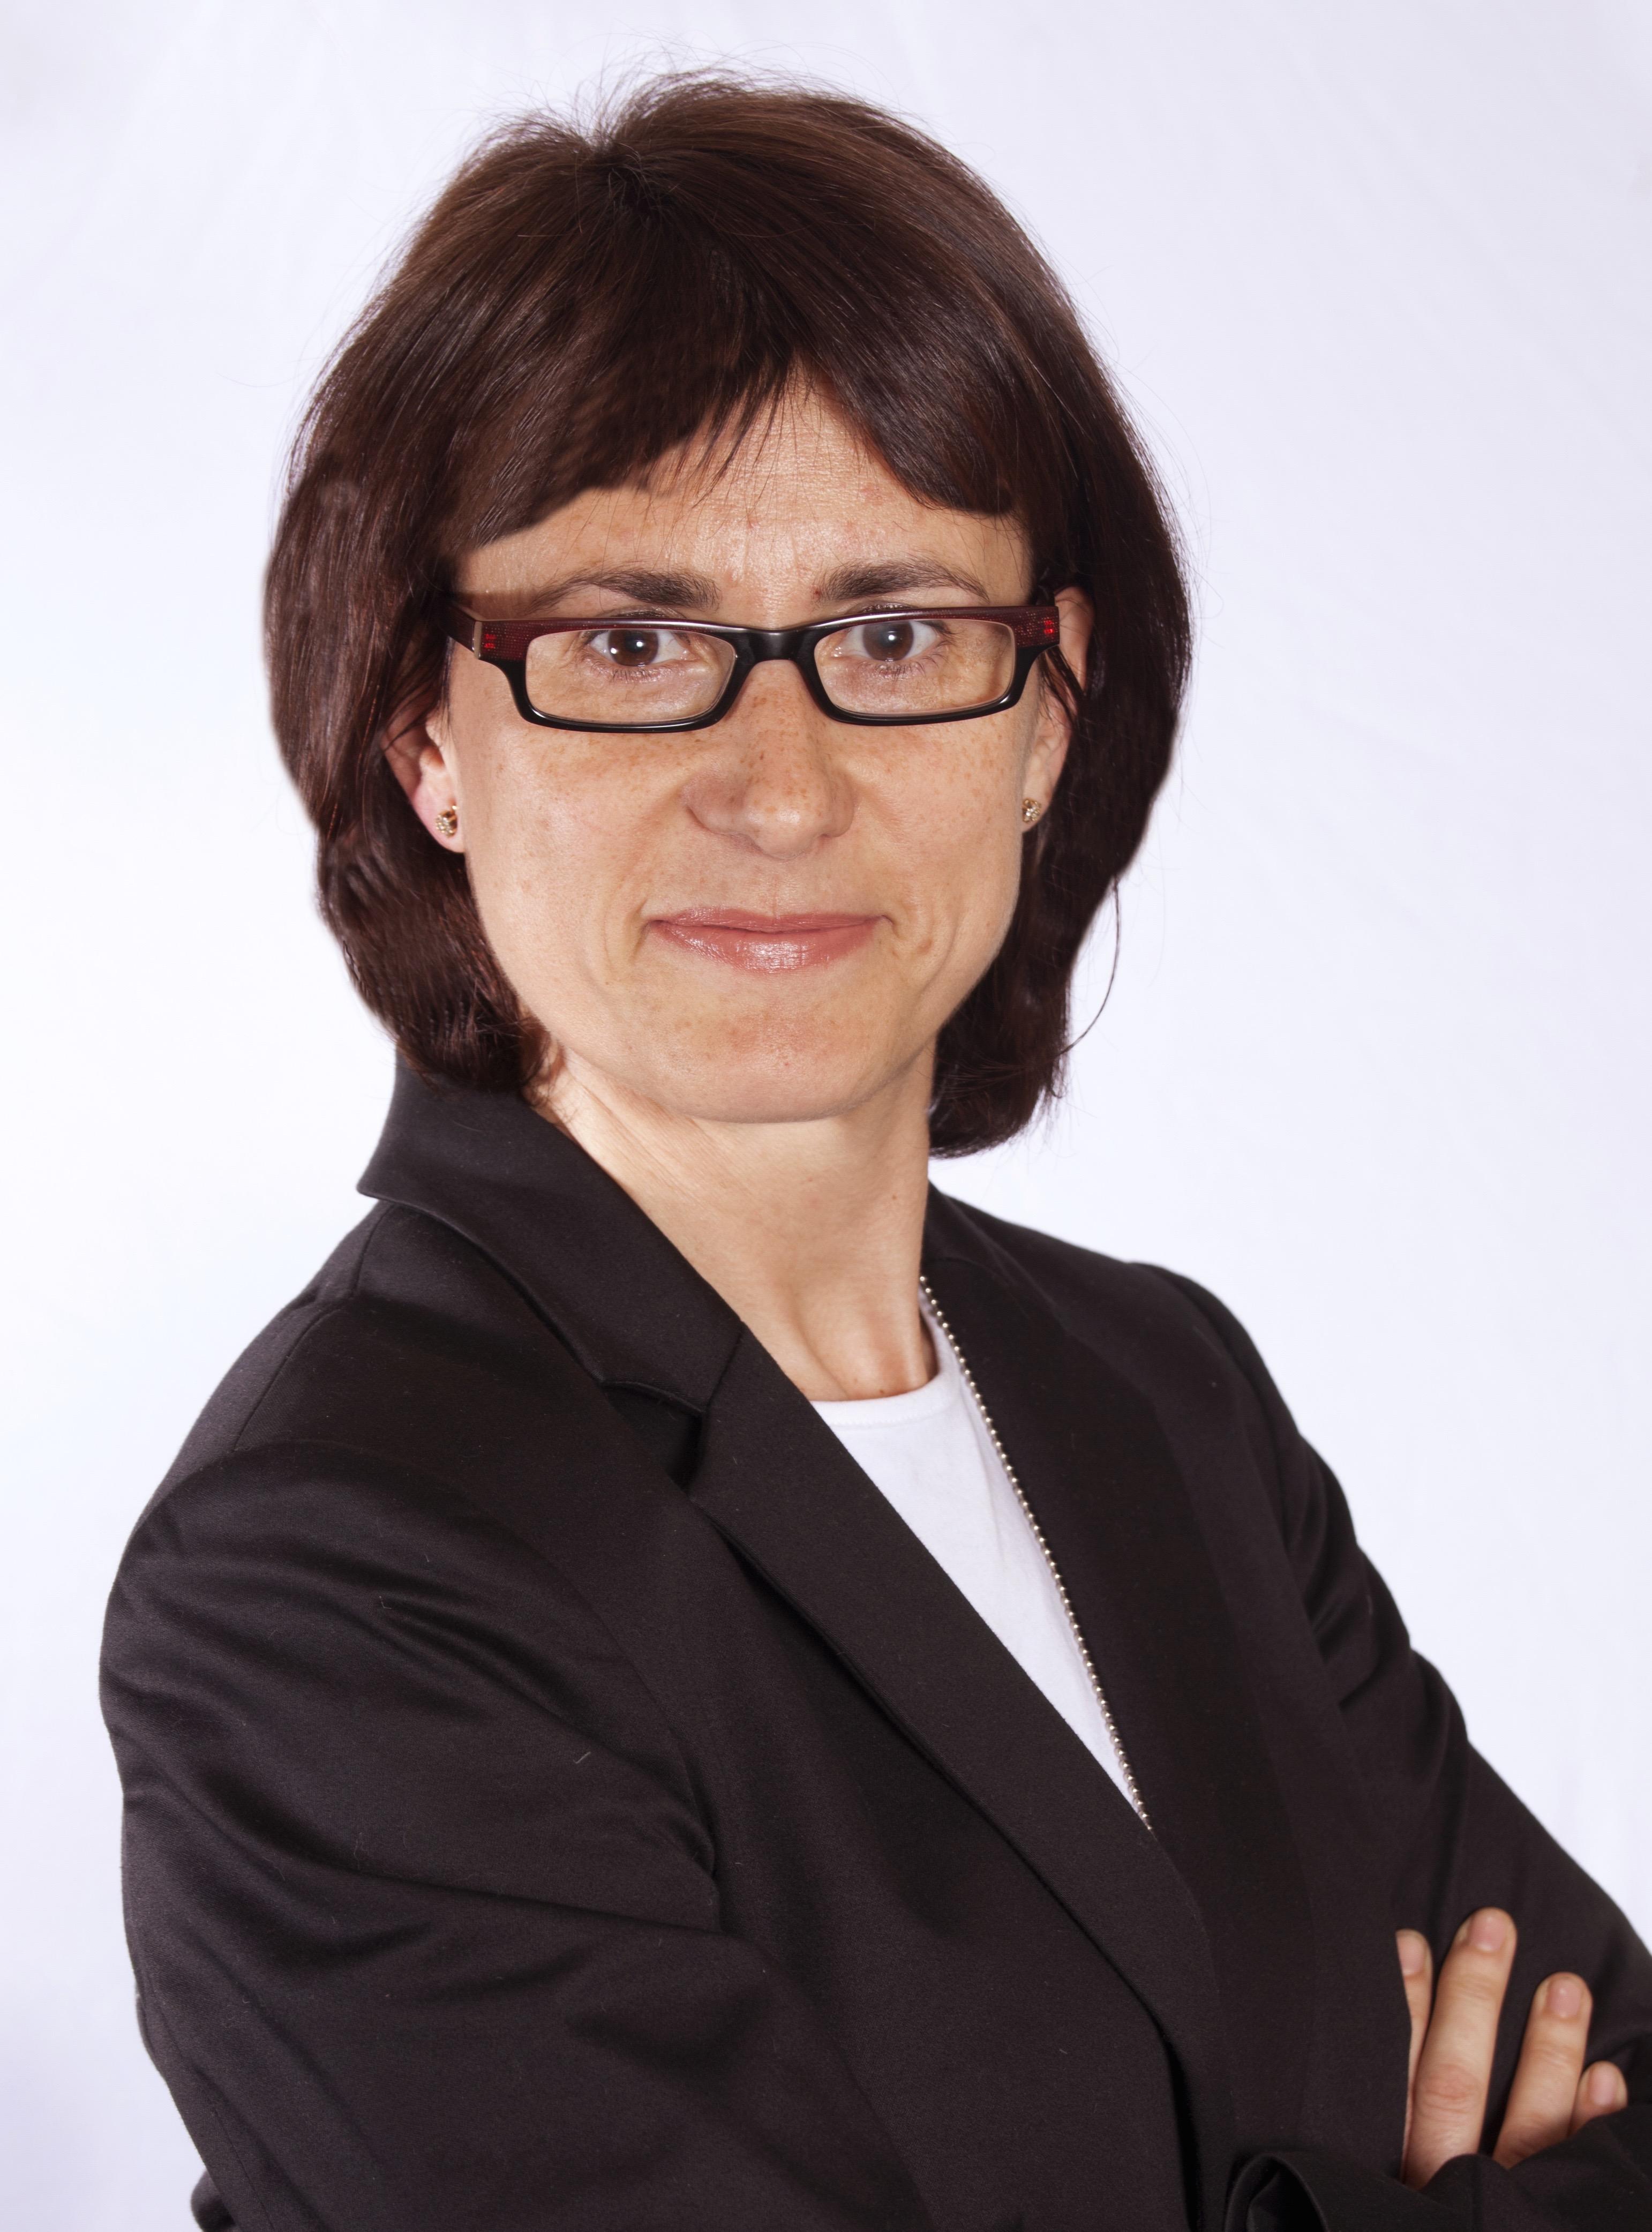 Elisabet Viladecans Marsal (Case Study: Spain)